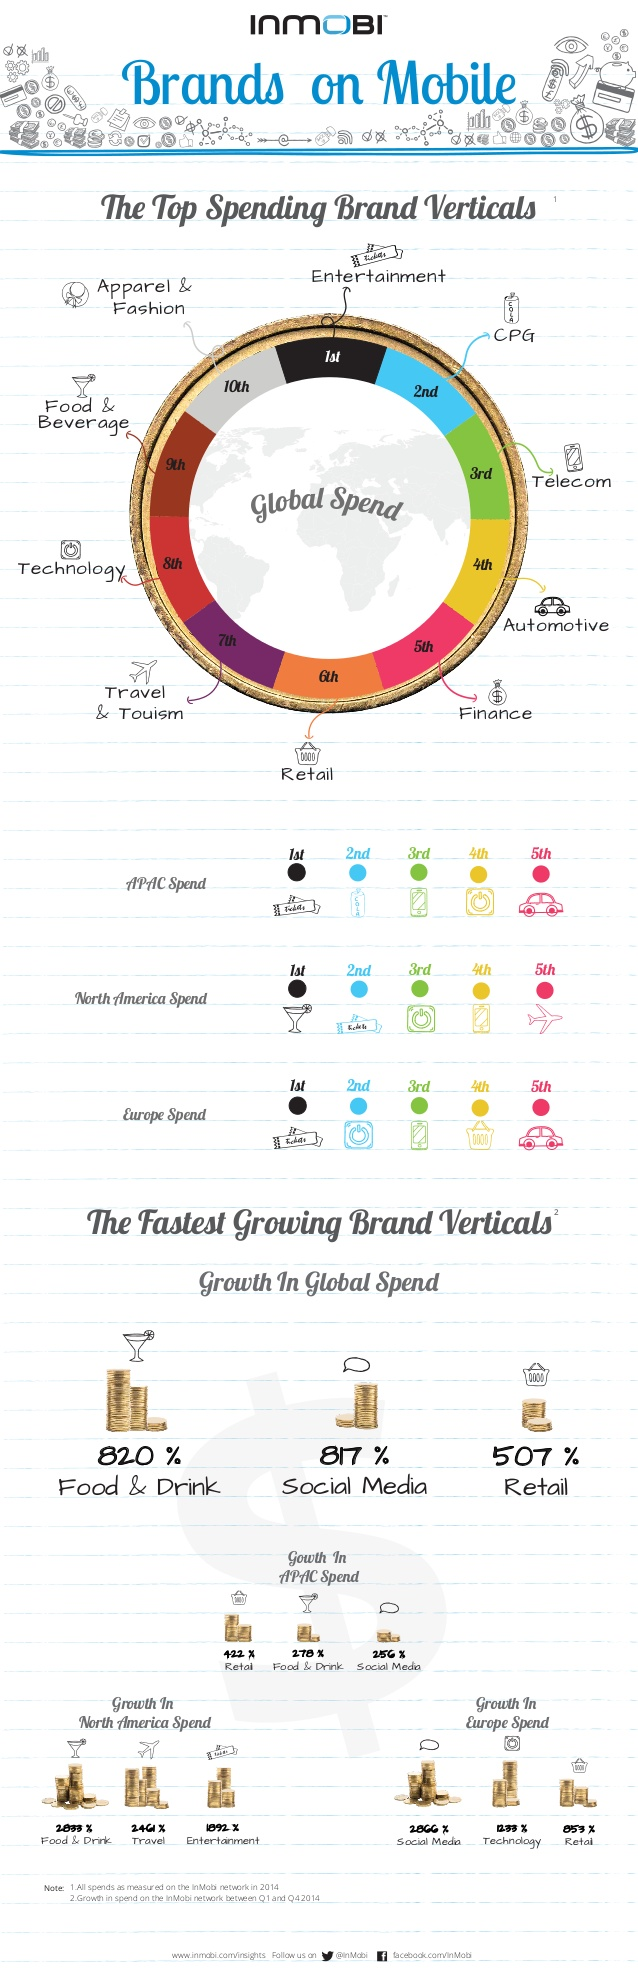 Qué sectores invierten más en marketing móvil